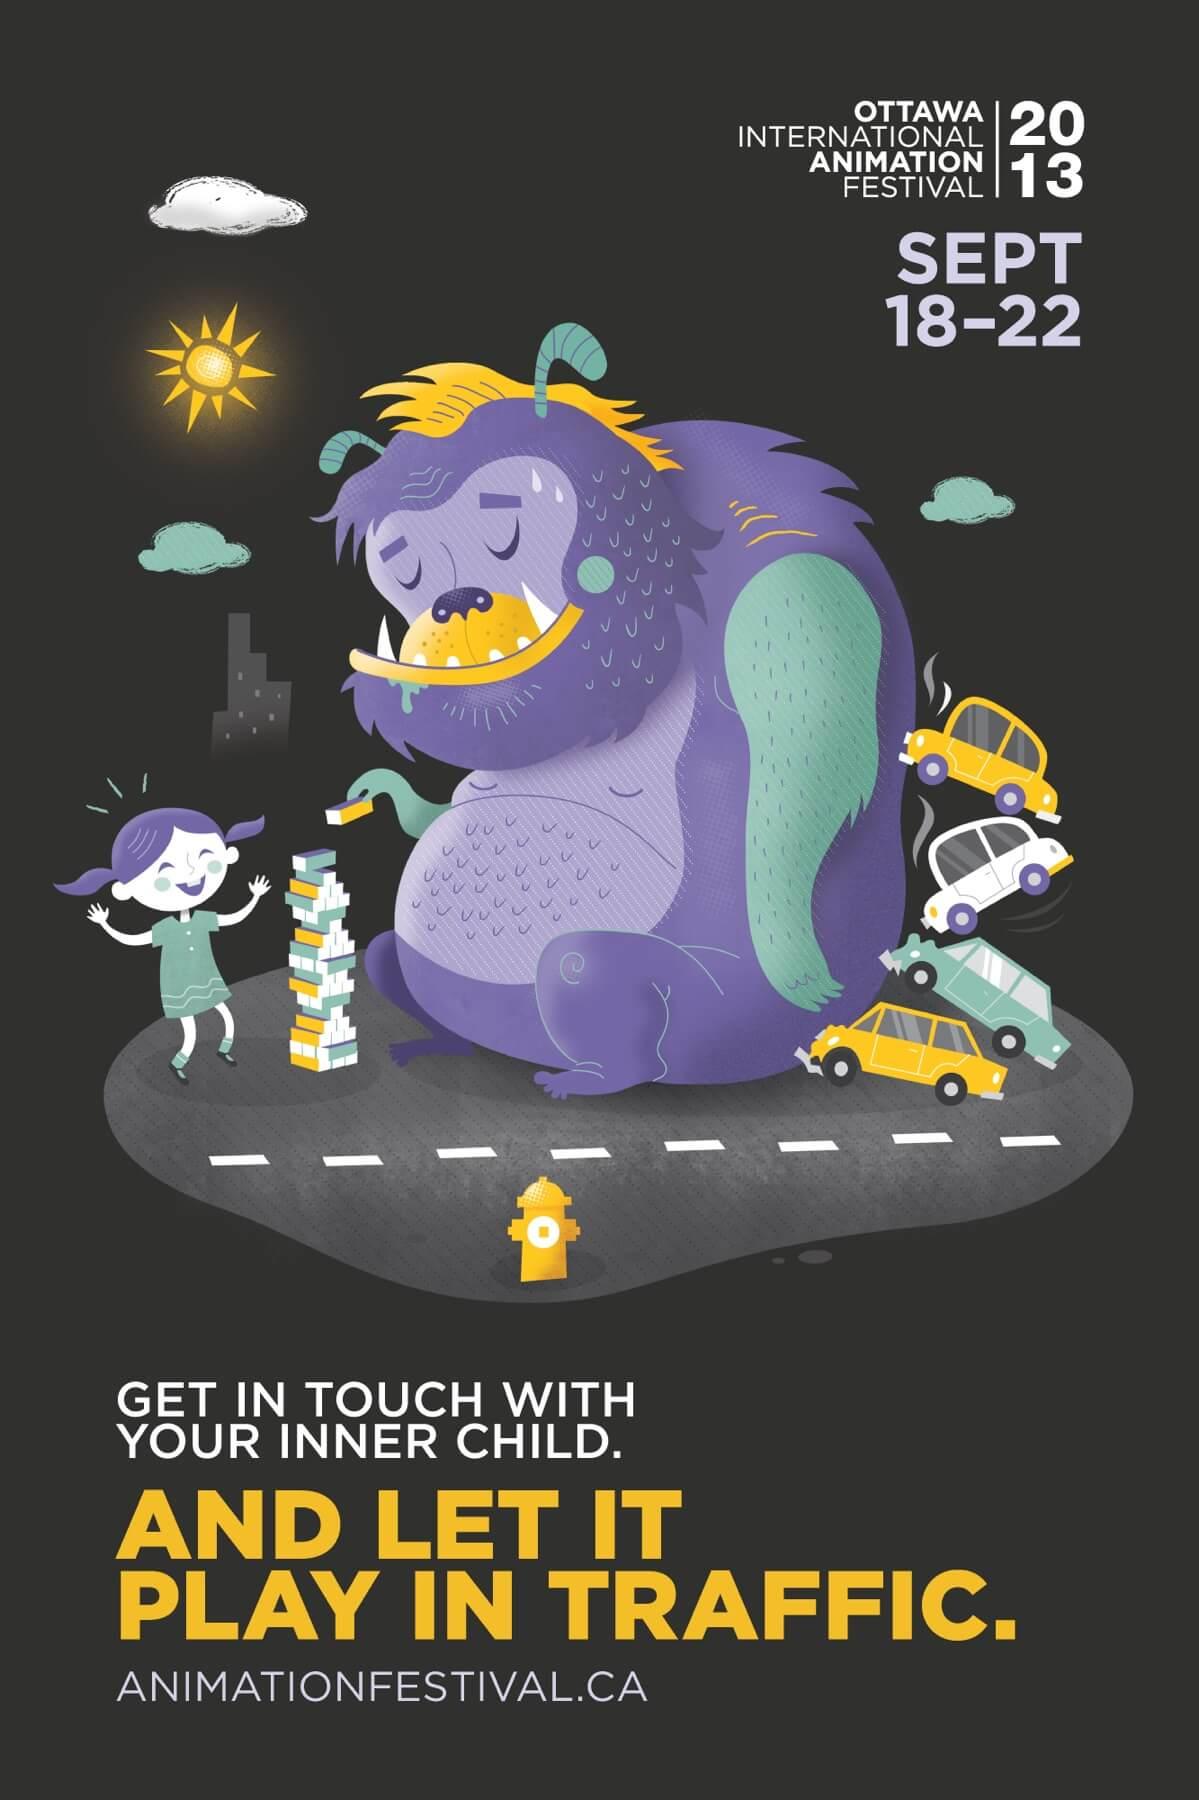 Шедевры рекламы - Международный фестиваль анимации в Оттаве